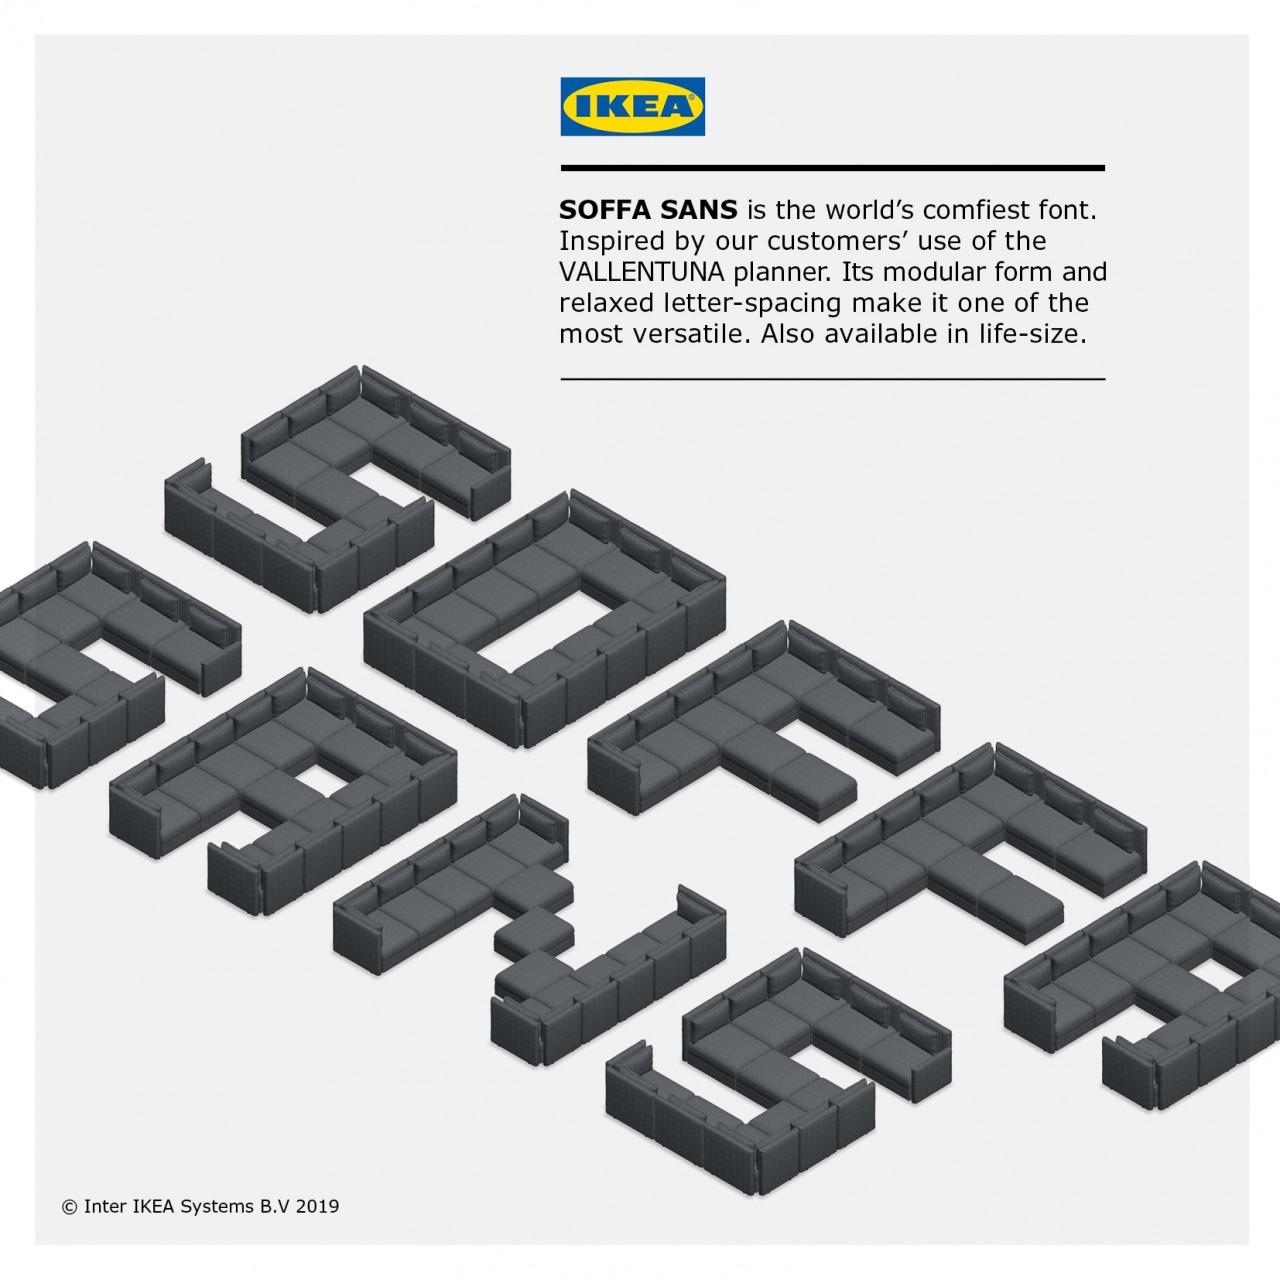 Soffa Sans - IKEA's new font | World Branding Forum